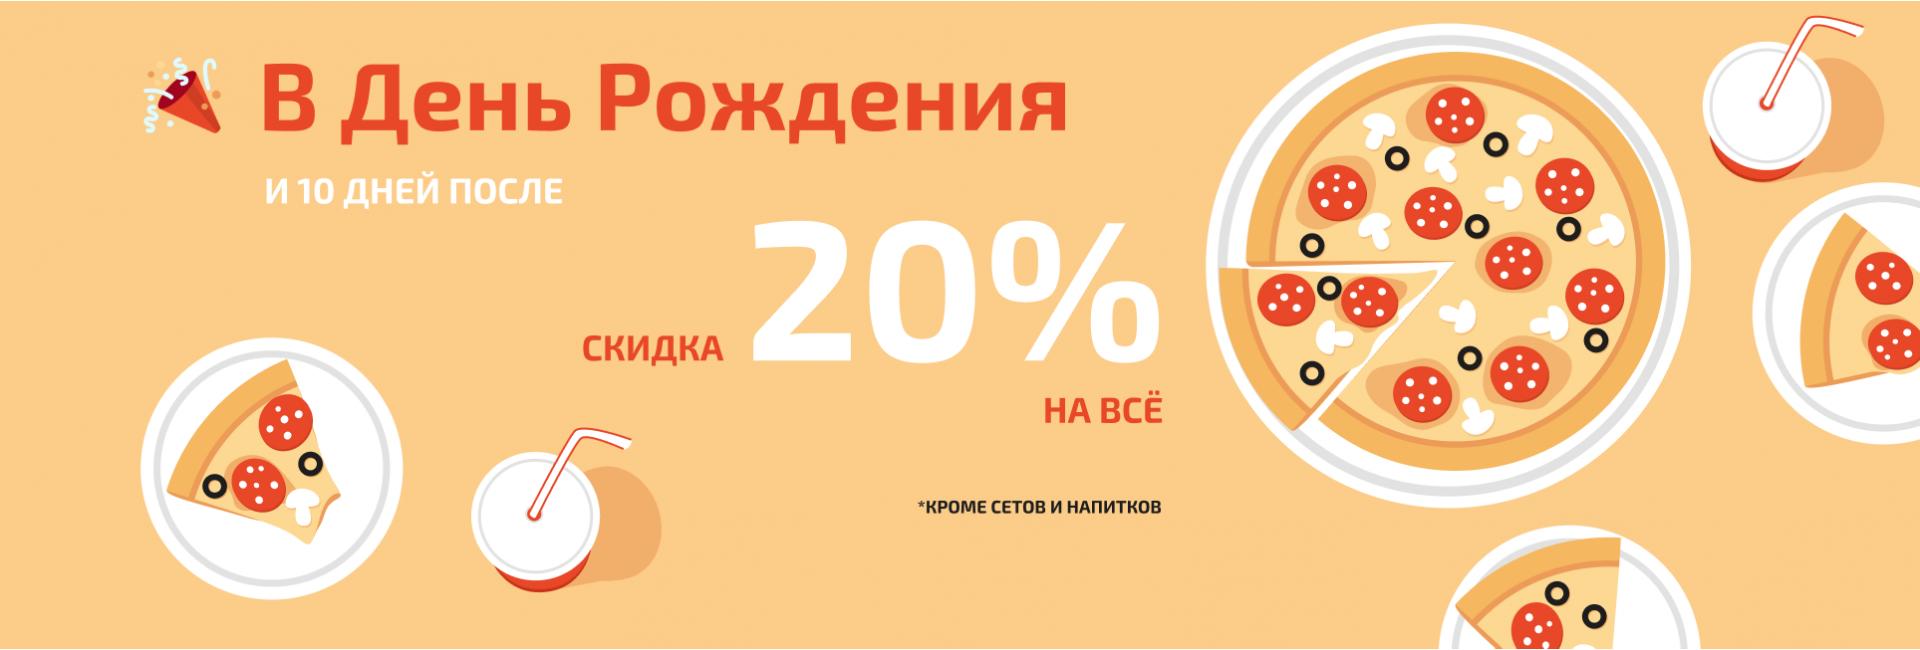 В ДЕНЬ РОЖДЕНИЯ 20%